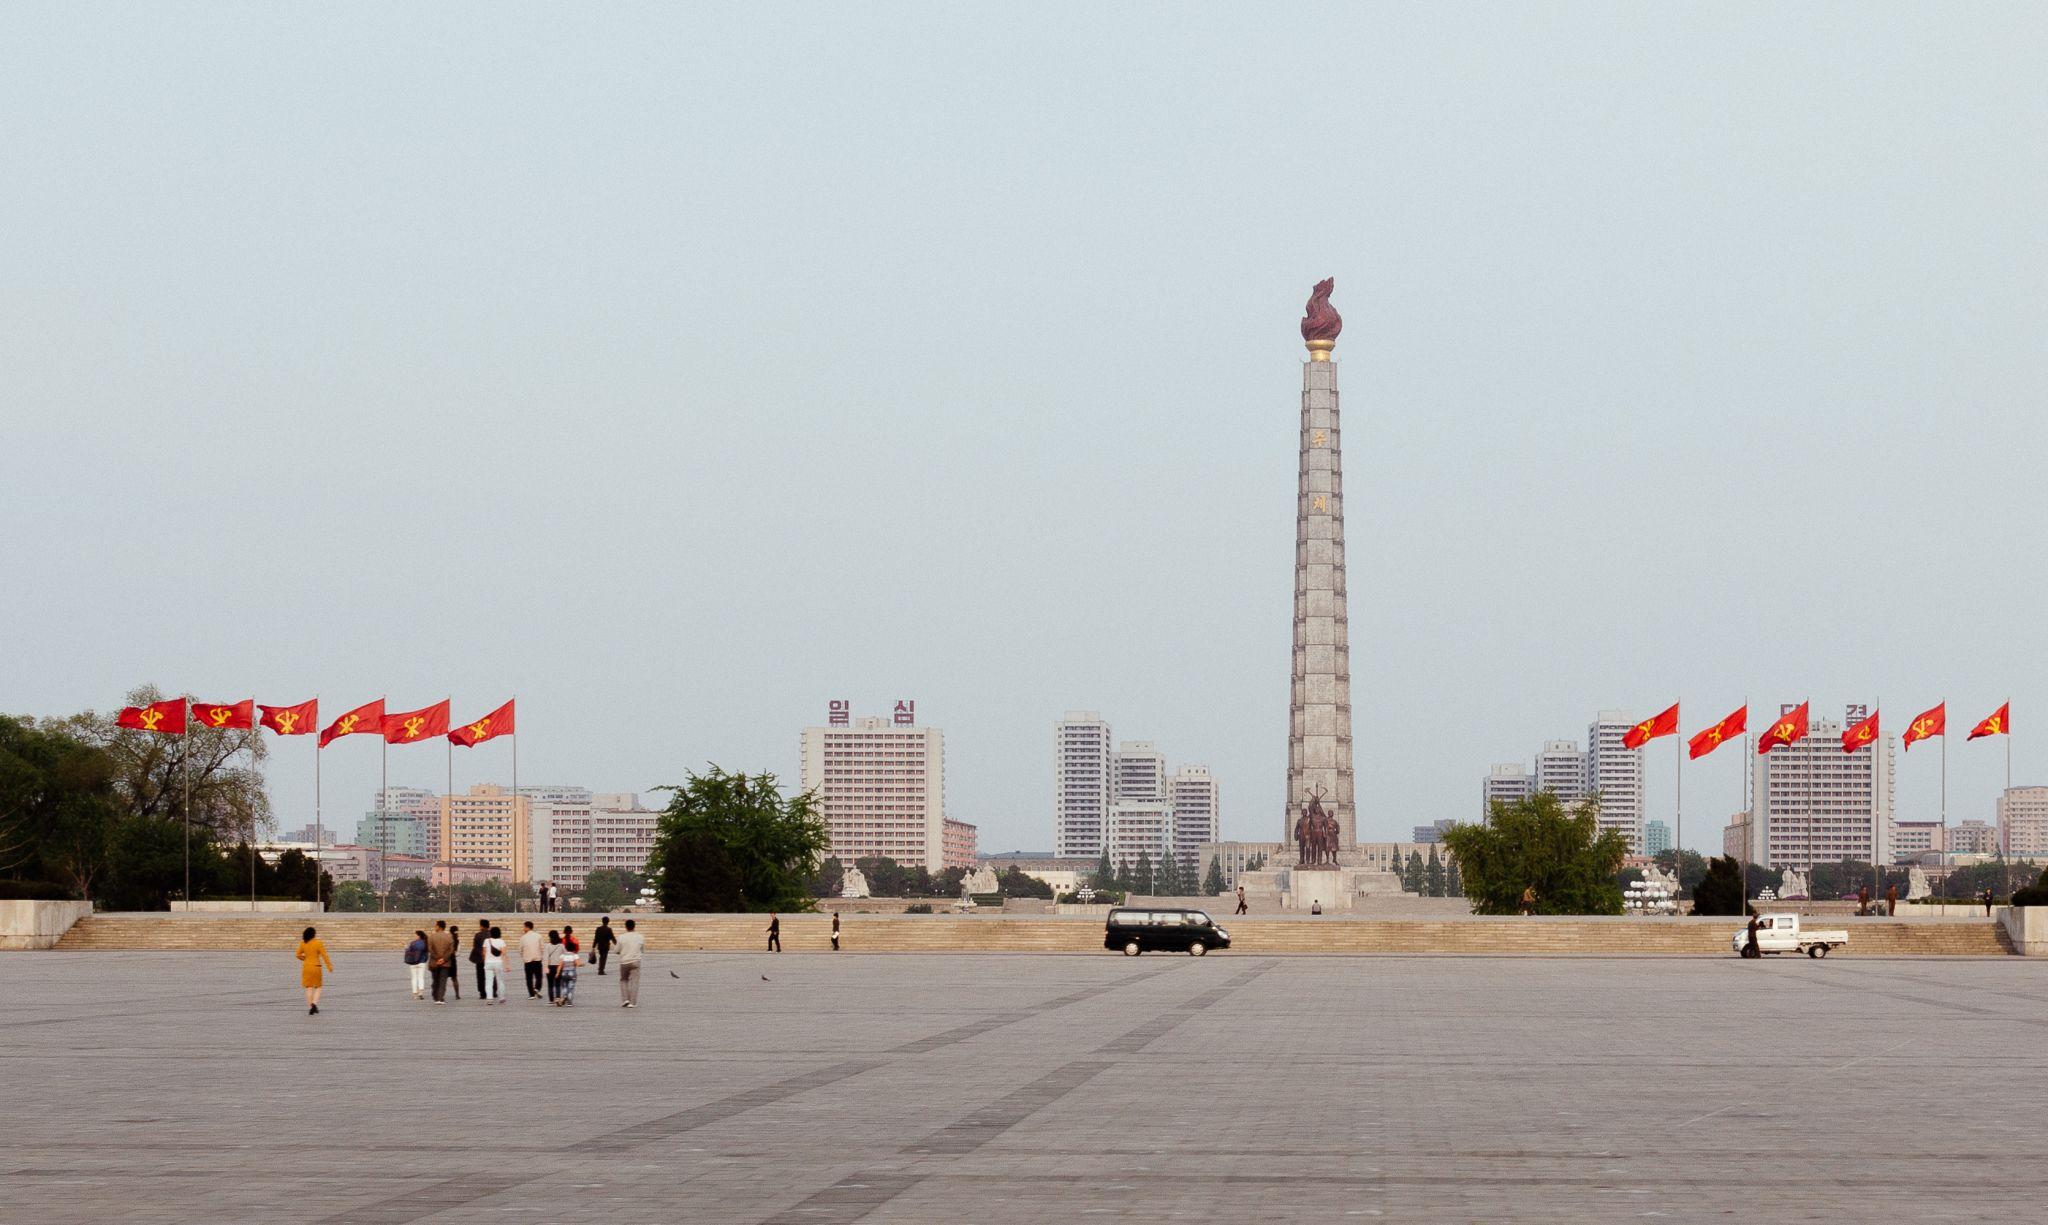 Juche Tower from Kim Il Sung Square, Korea